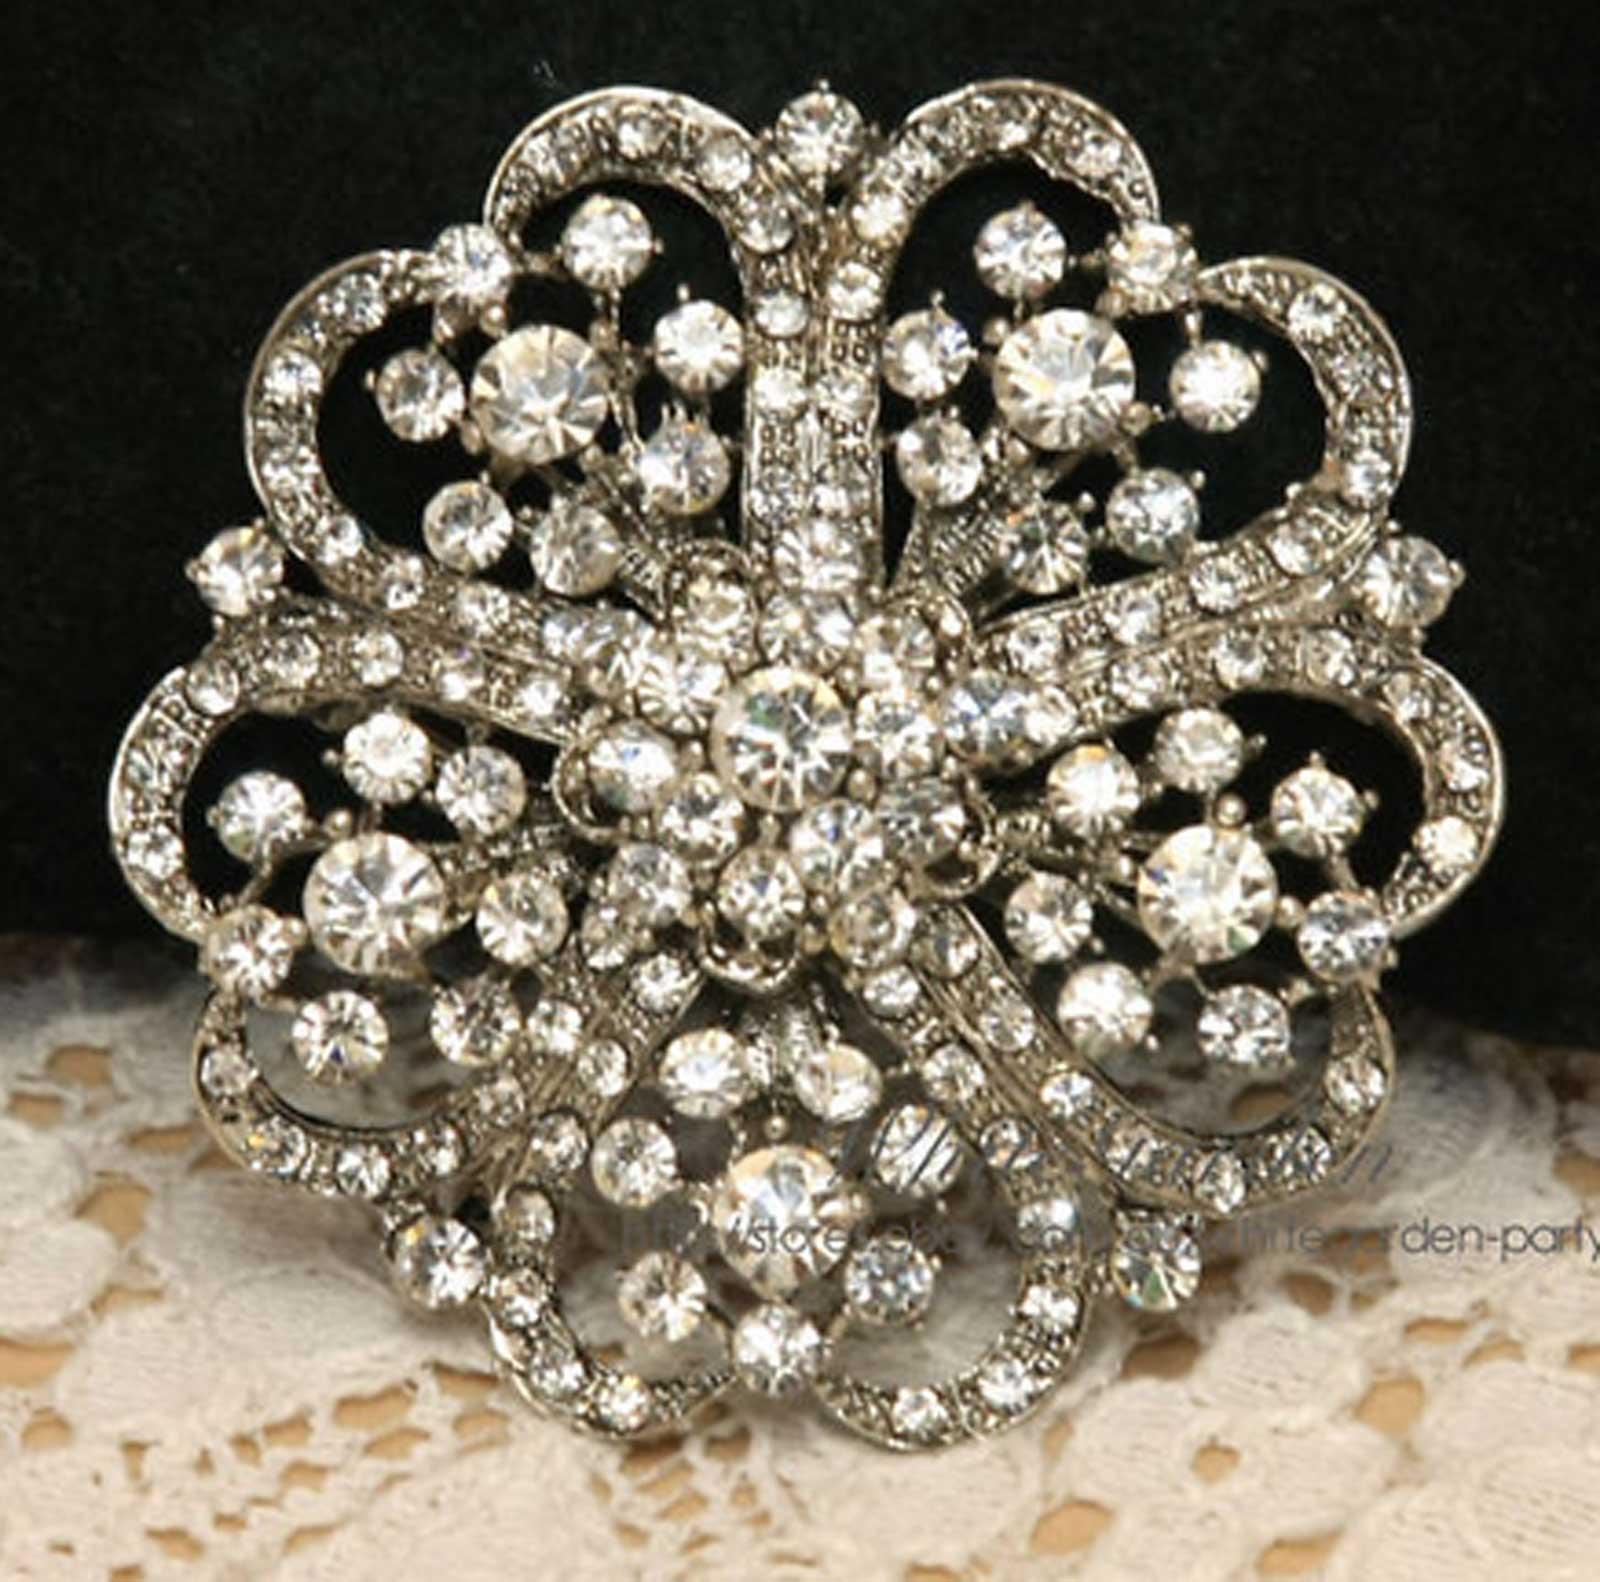 Crystal Rhinestone Round Flower Wedding Bridal Cake Silver